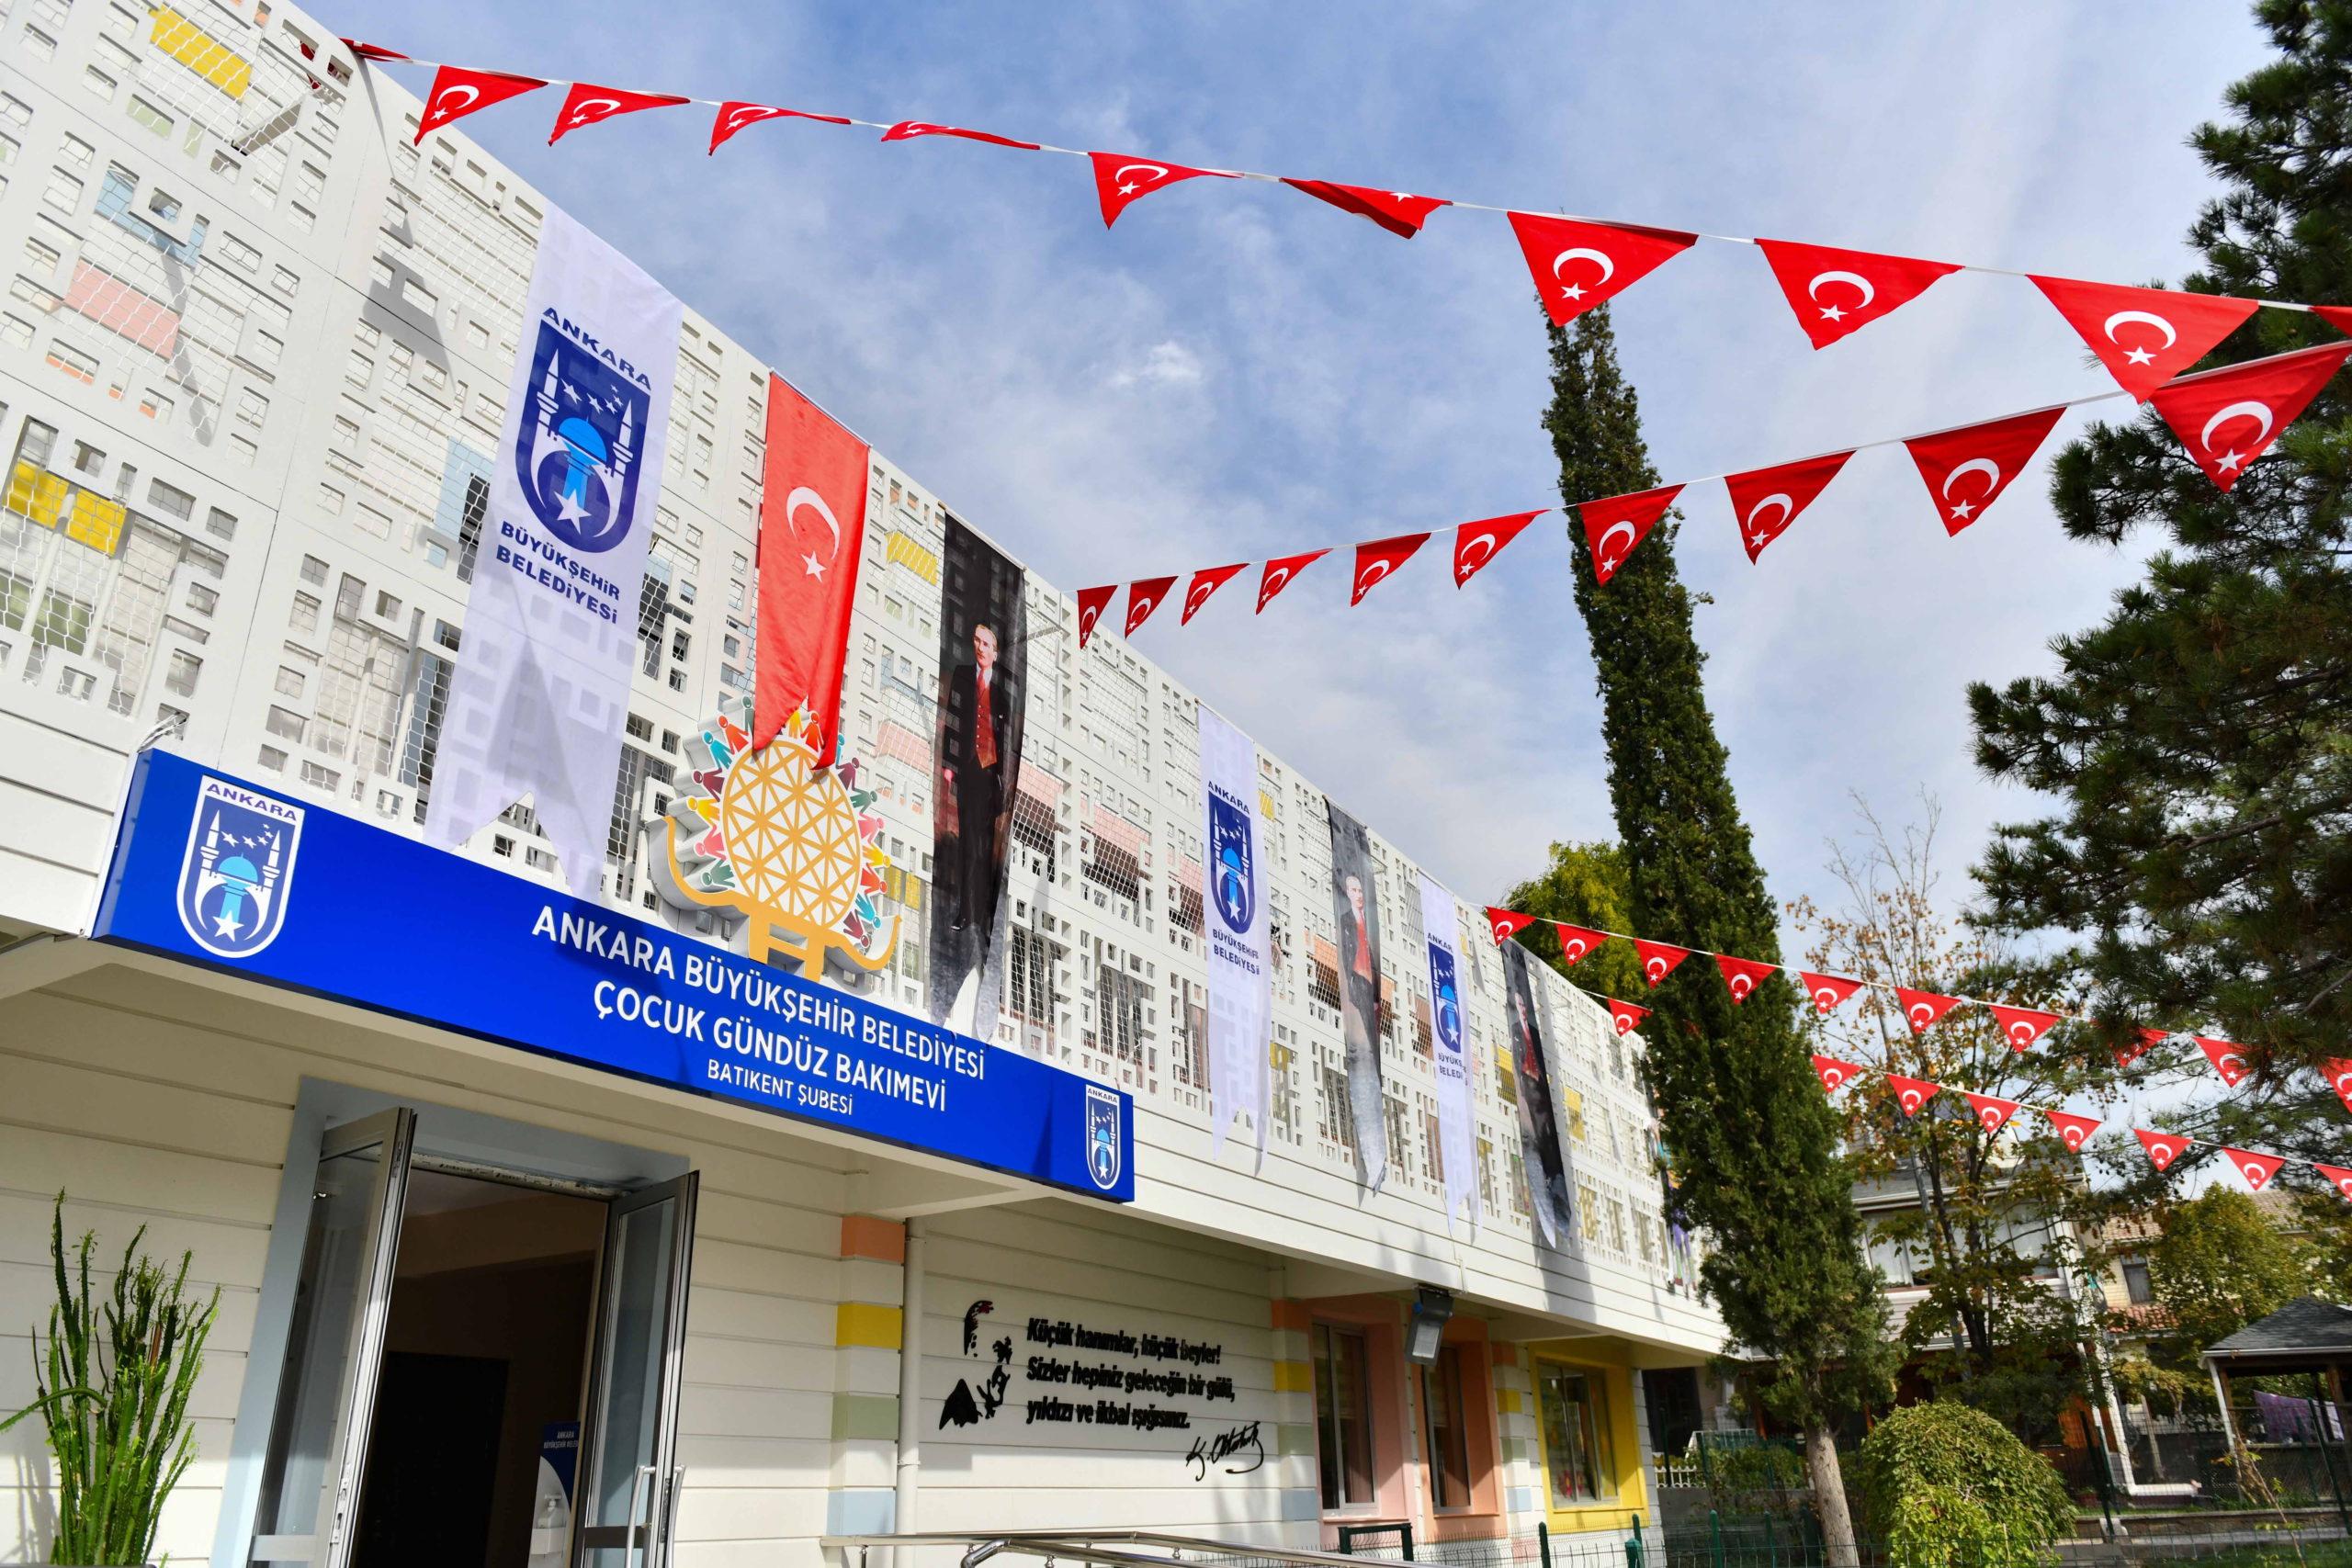 Başkent'te 'Batıkent Çocuk Gündüz Bakımevi' Hizmete Girdi